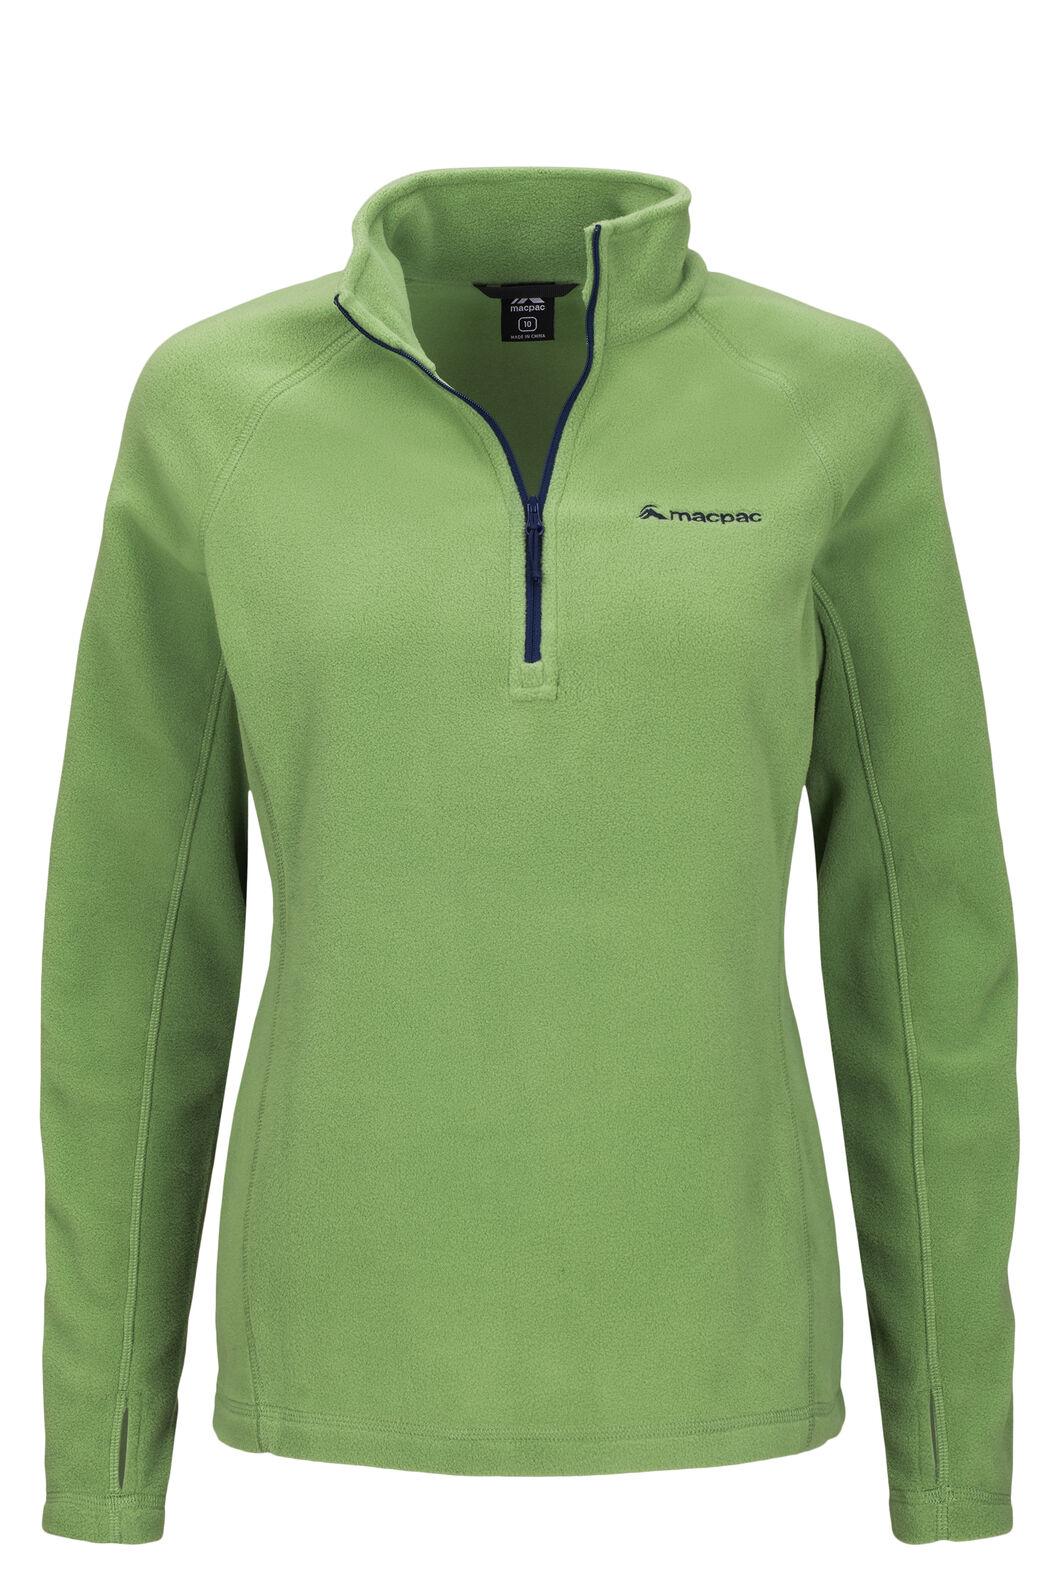 Macpac Tui Polartec® Micro Fleece® Pullover — Women's, Jade Green, hi-res